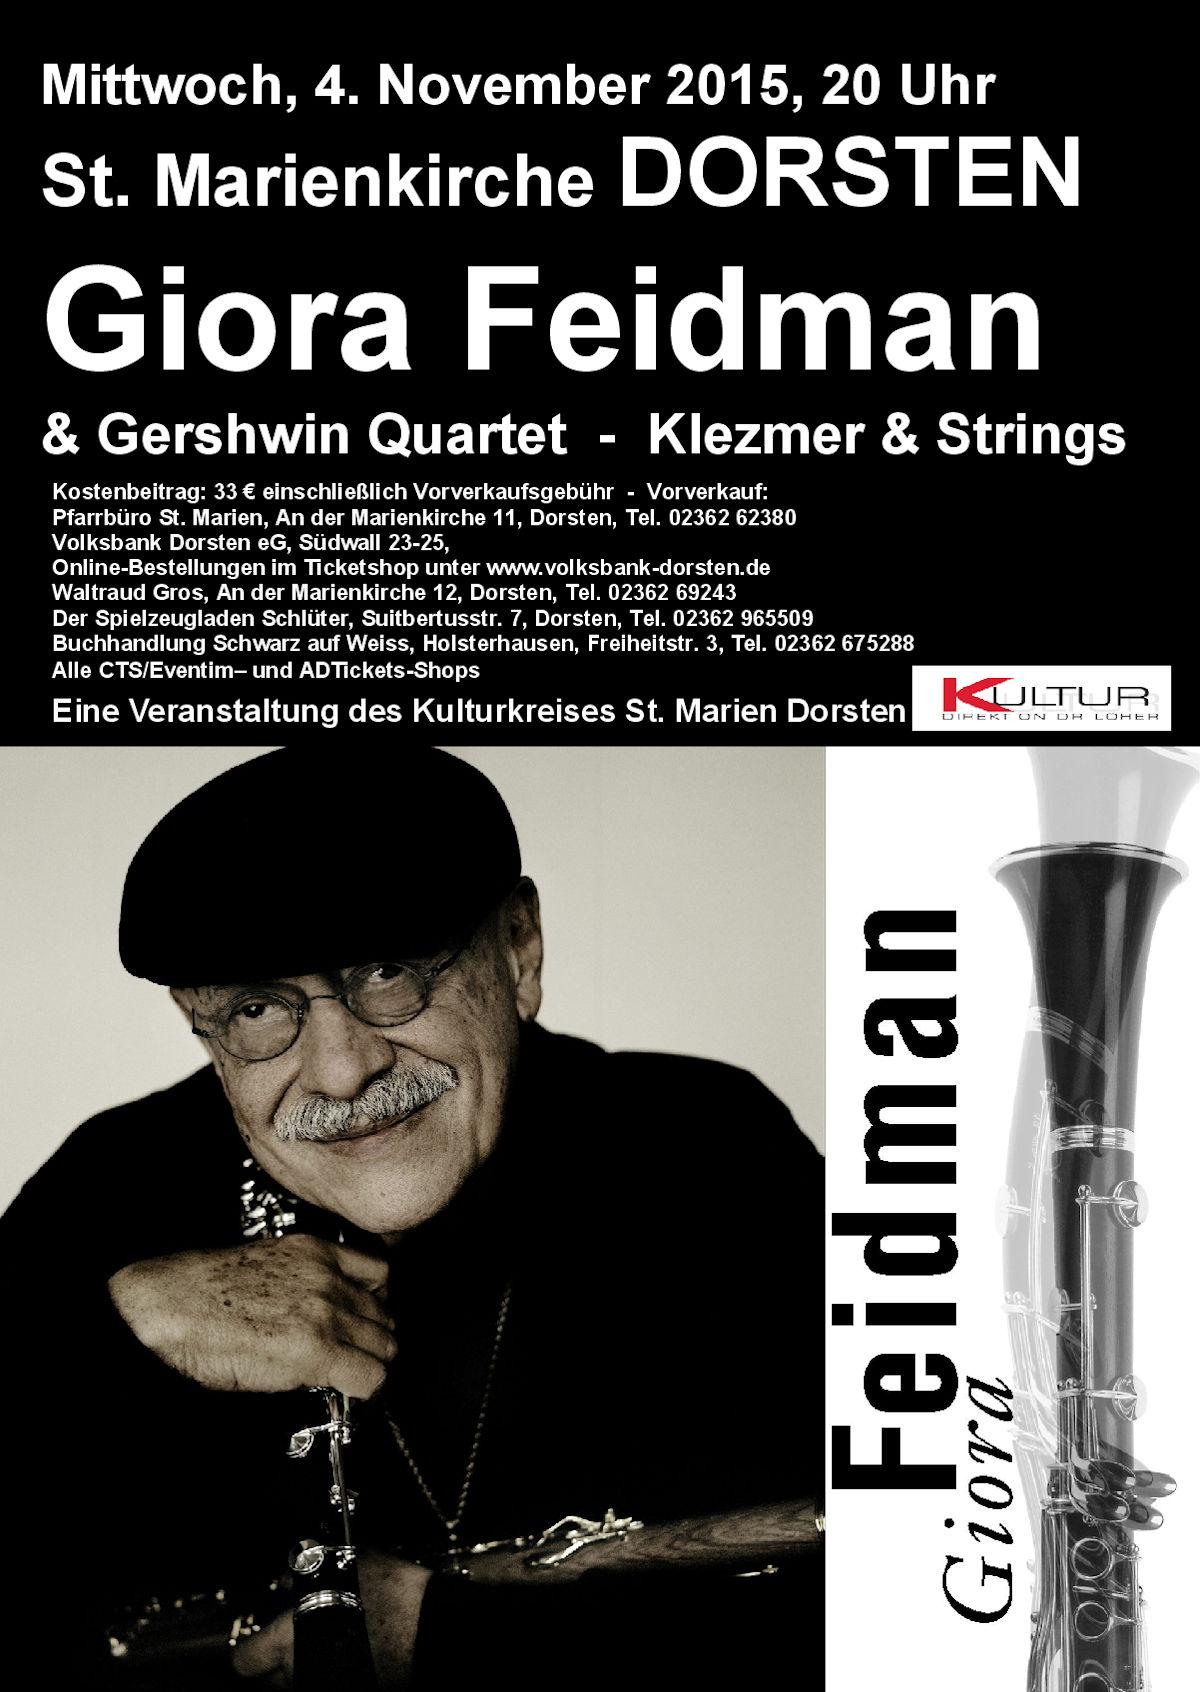 Plakat A 4 Feidman Dorsten